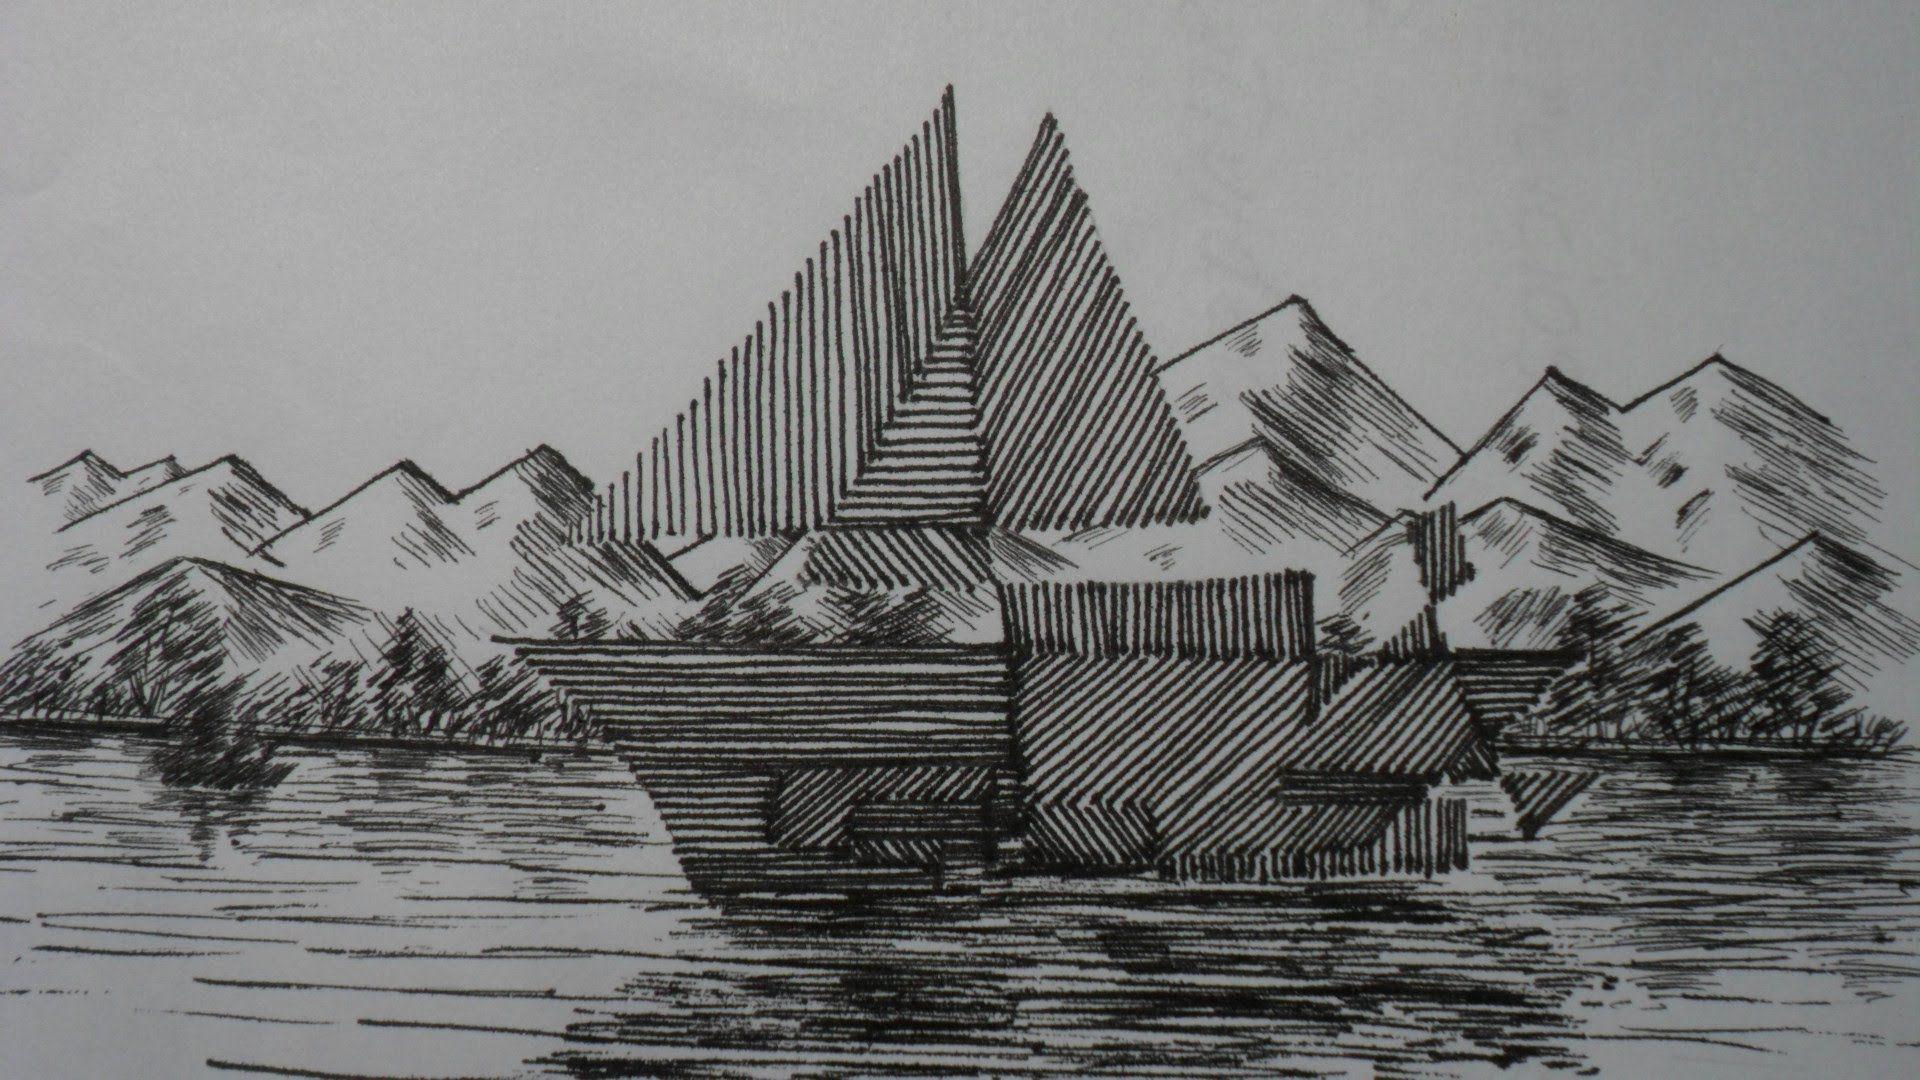 Como Iniciarse En Dibujo Leccion Nº 1 Curso Practico De Dibujo Primer Dibujos Con Lineas Rectas Dibujo Con Lineas Dibujos Con Rayas